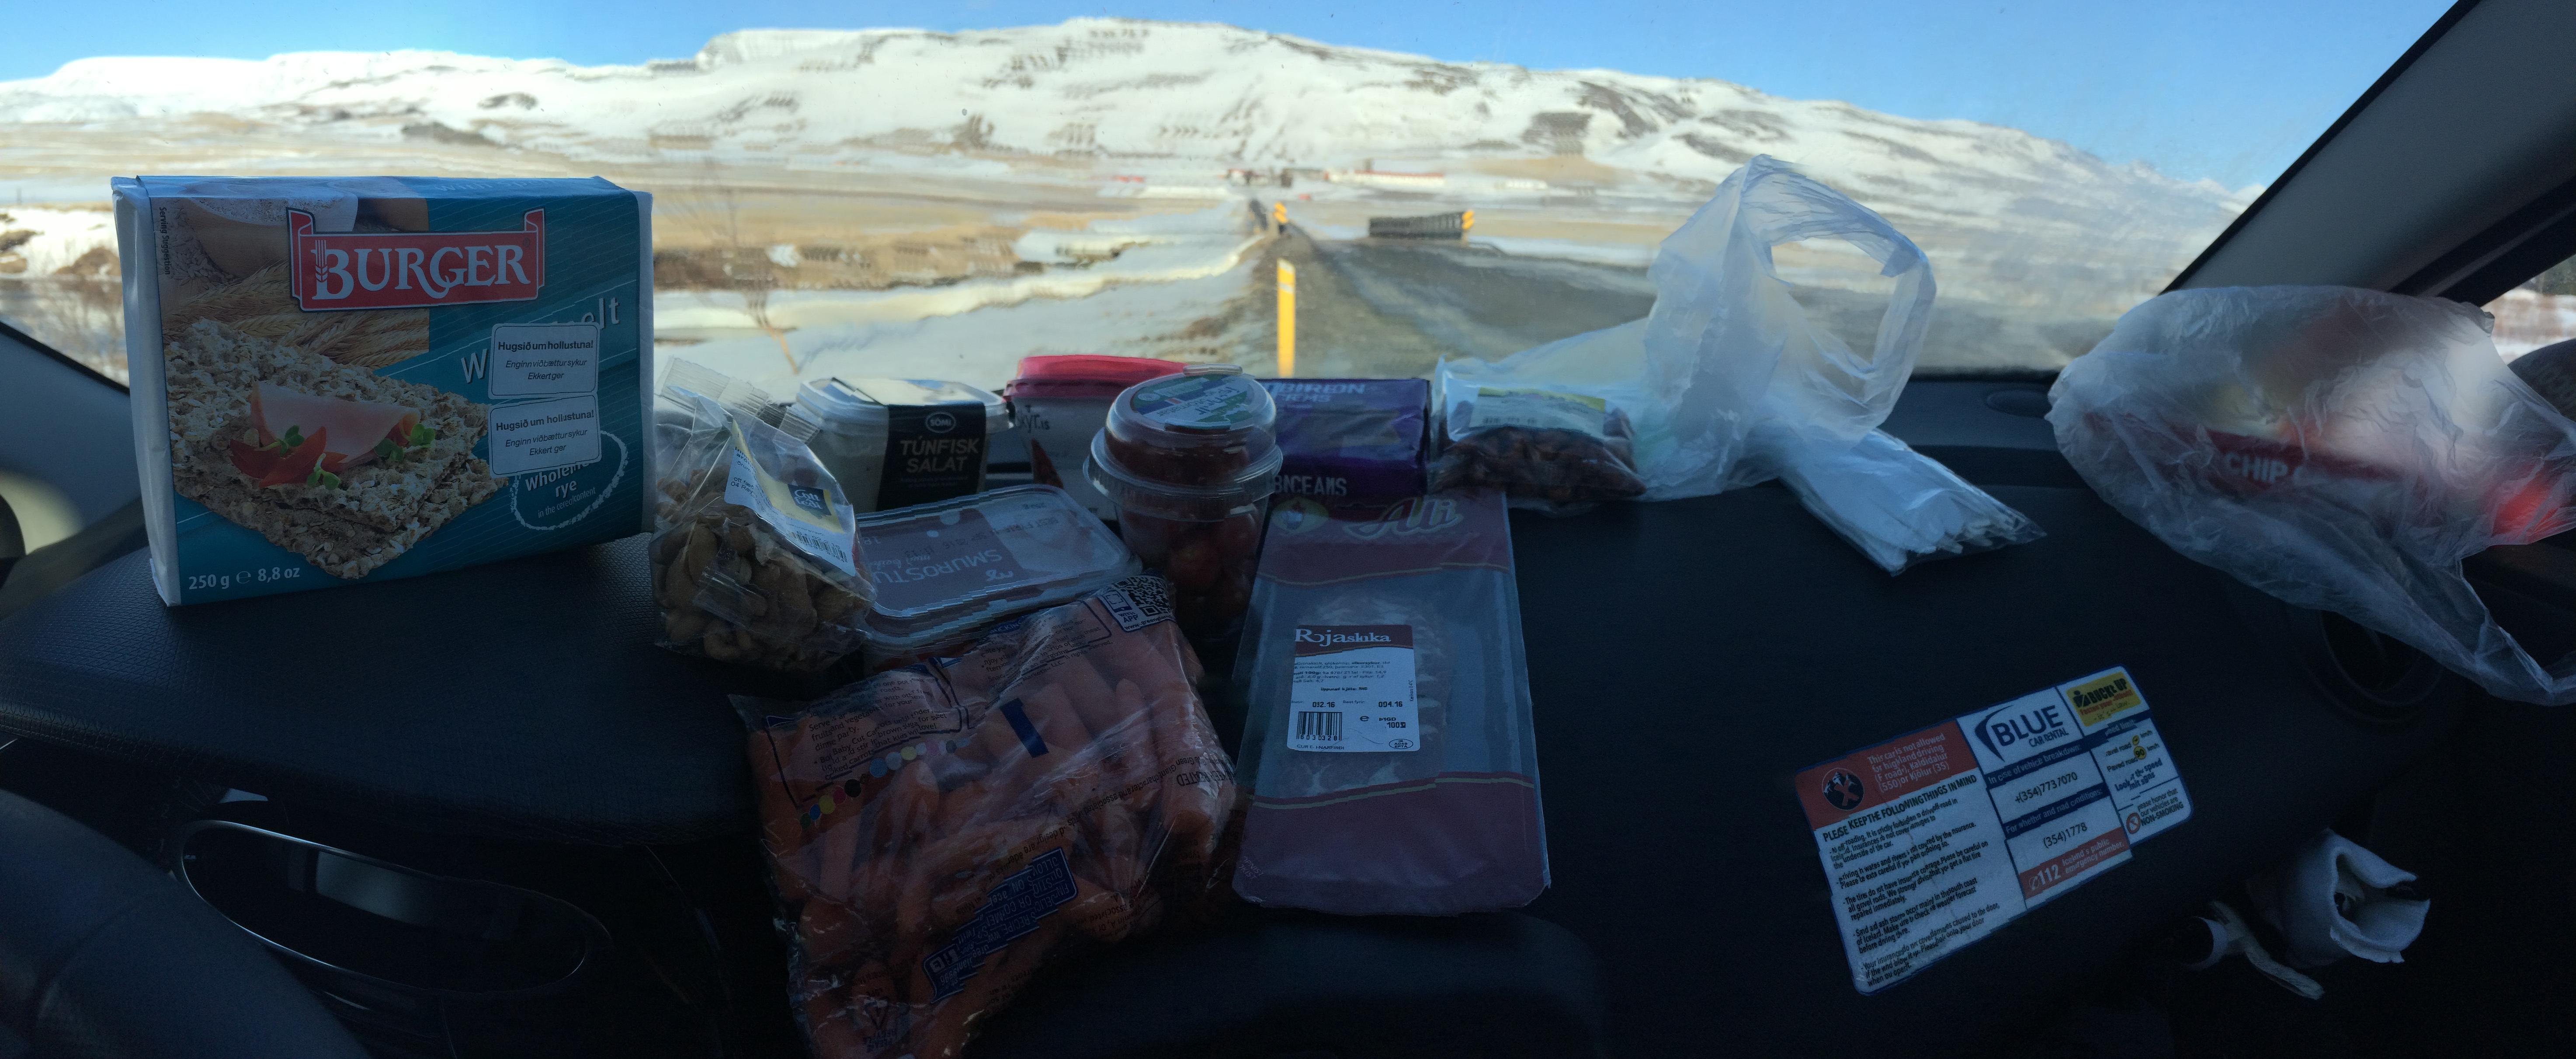 Nourriture islandaise - Islande